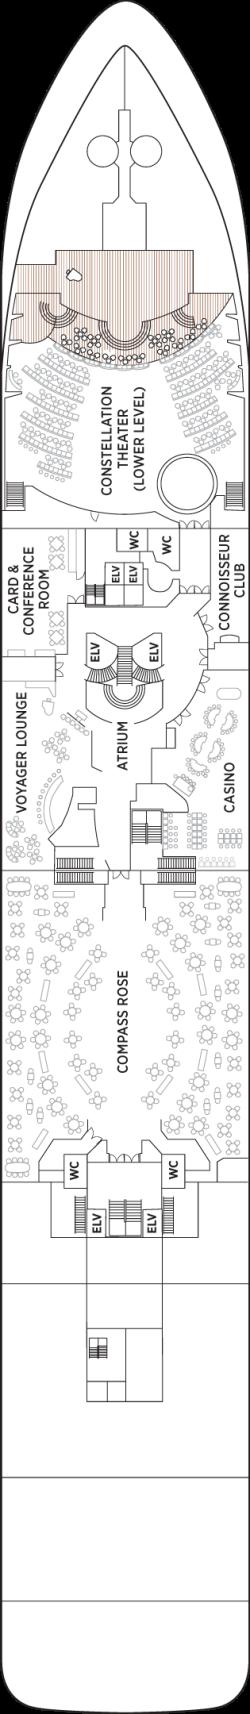 Seven Seas Voyager Deck 4: Deck 4